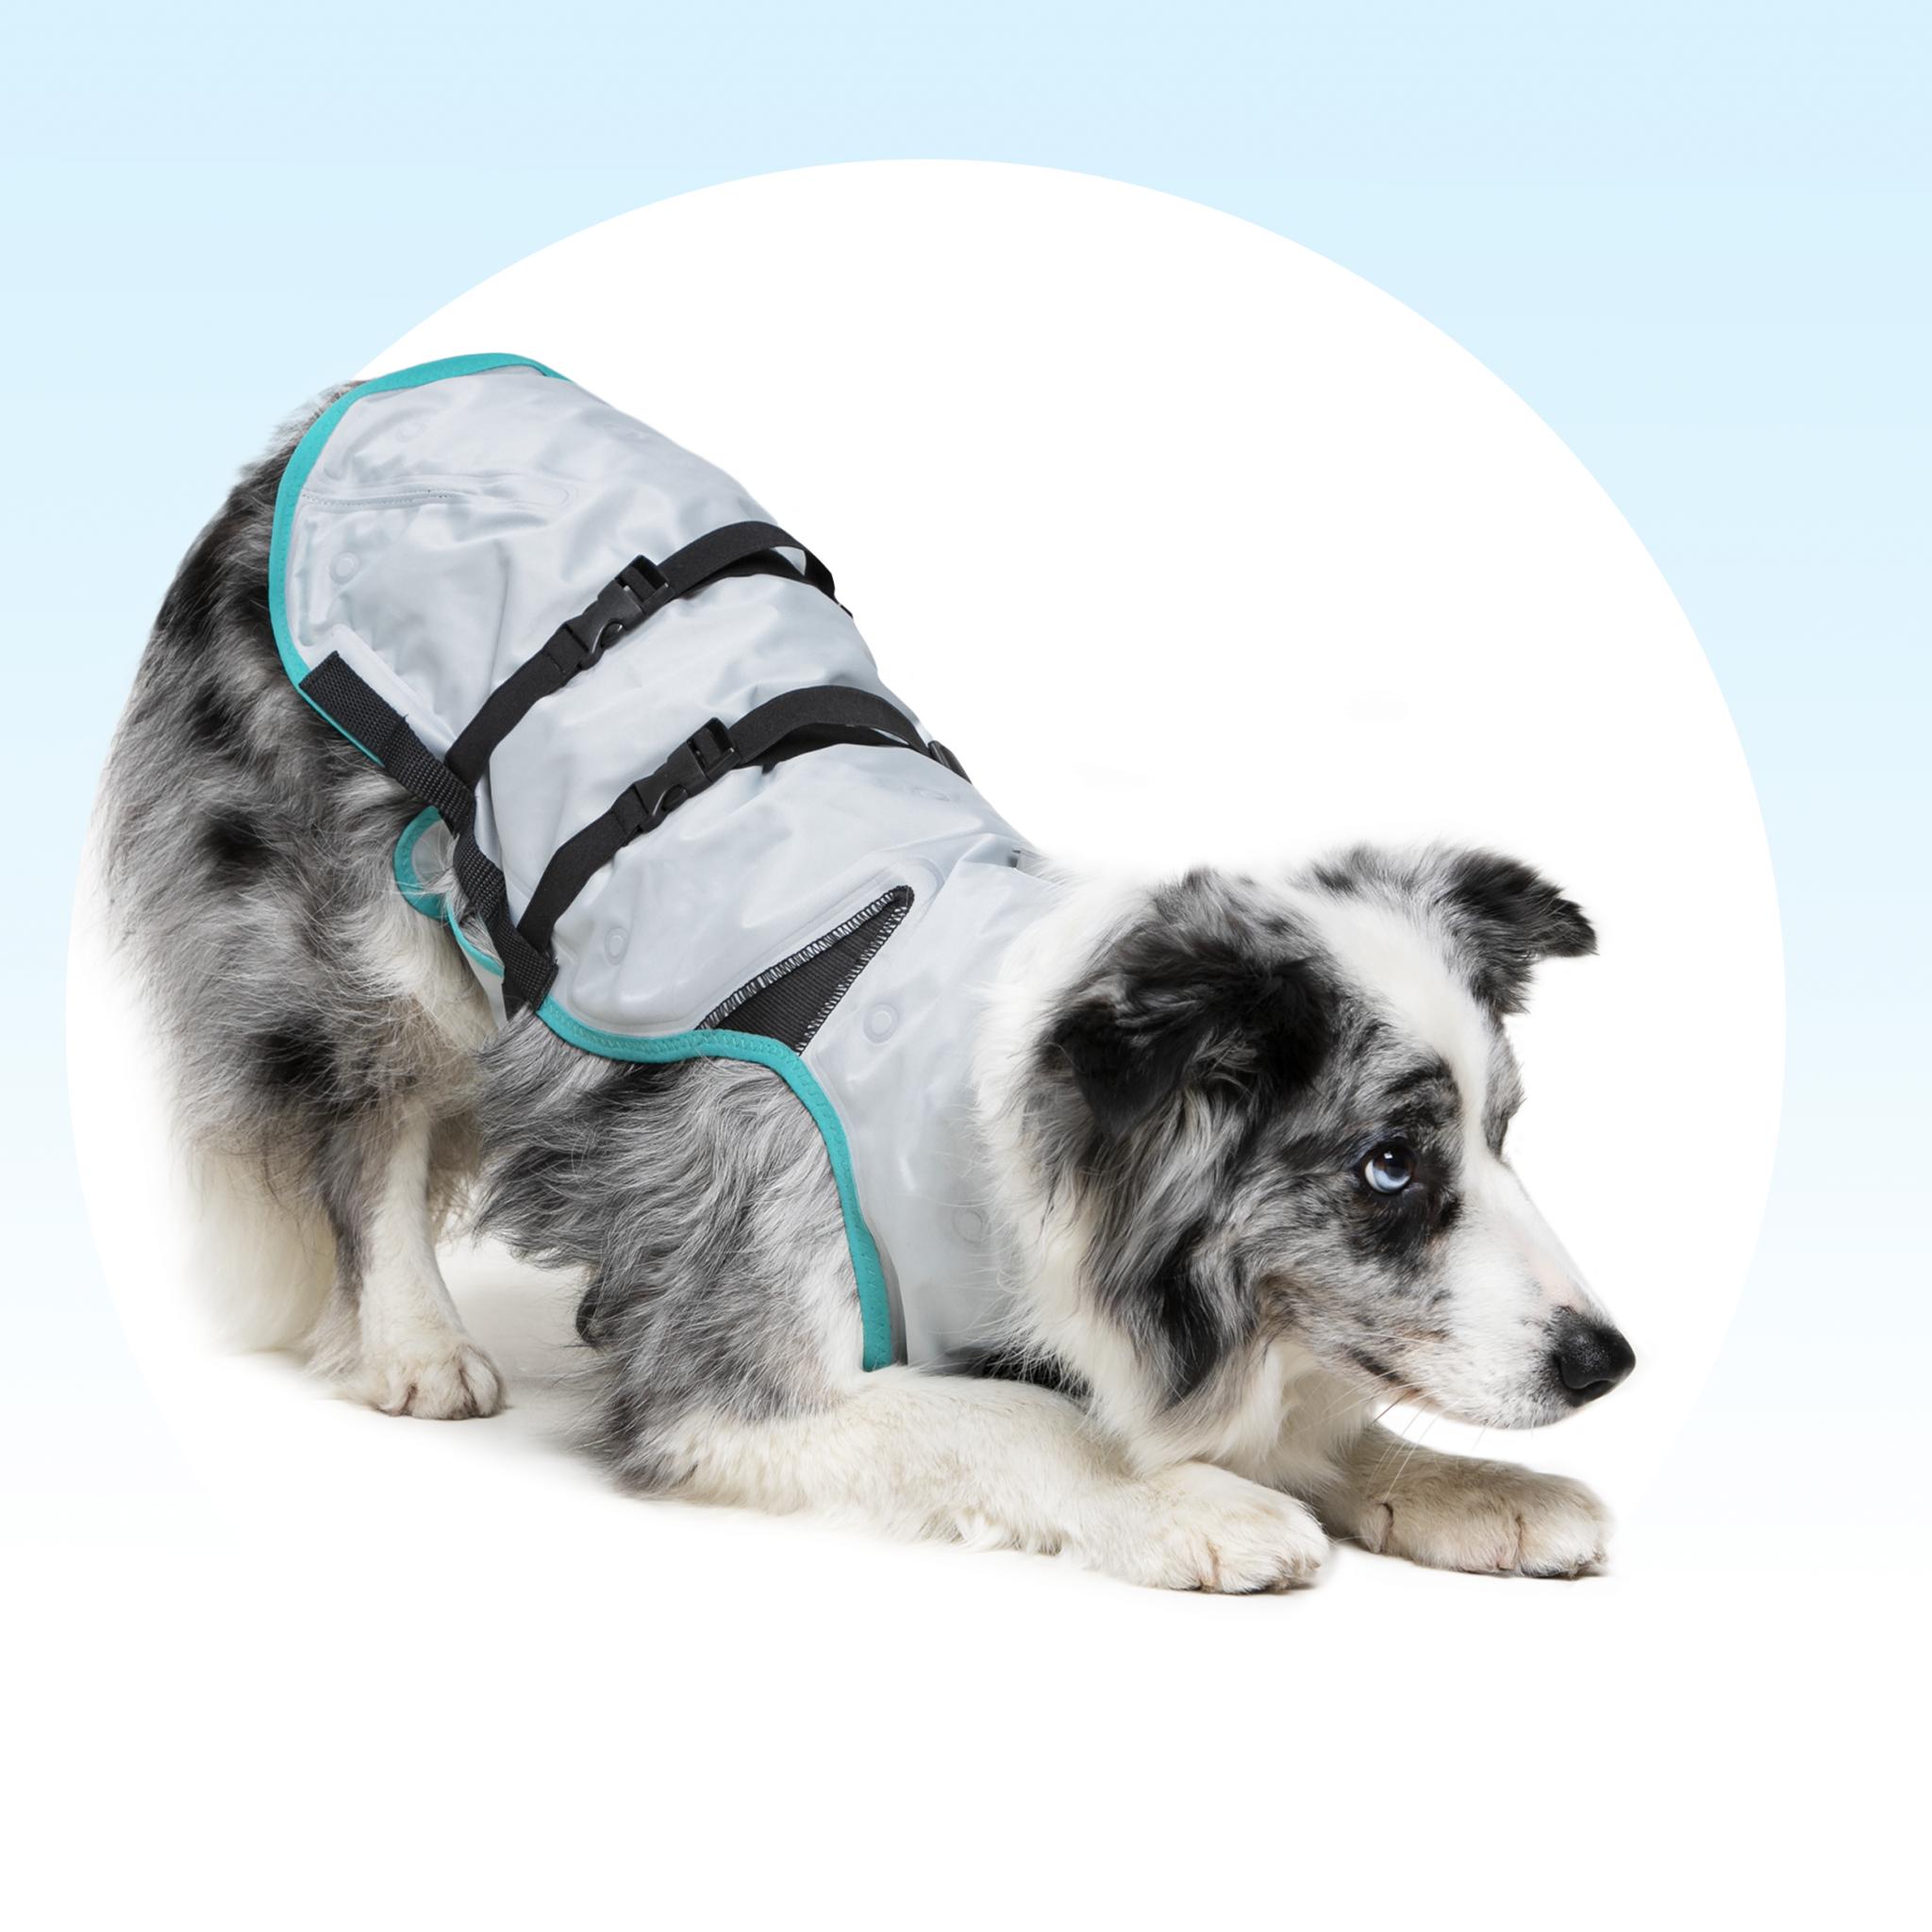 Information card - DRY® Cooling Vest